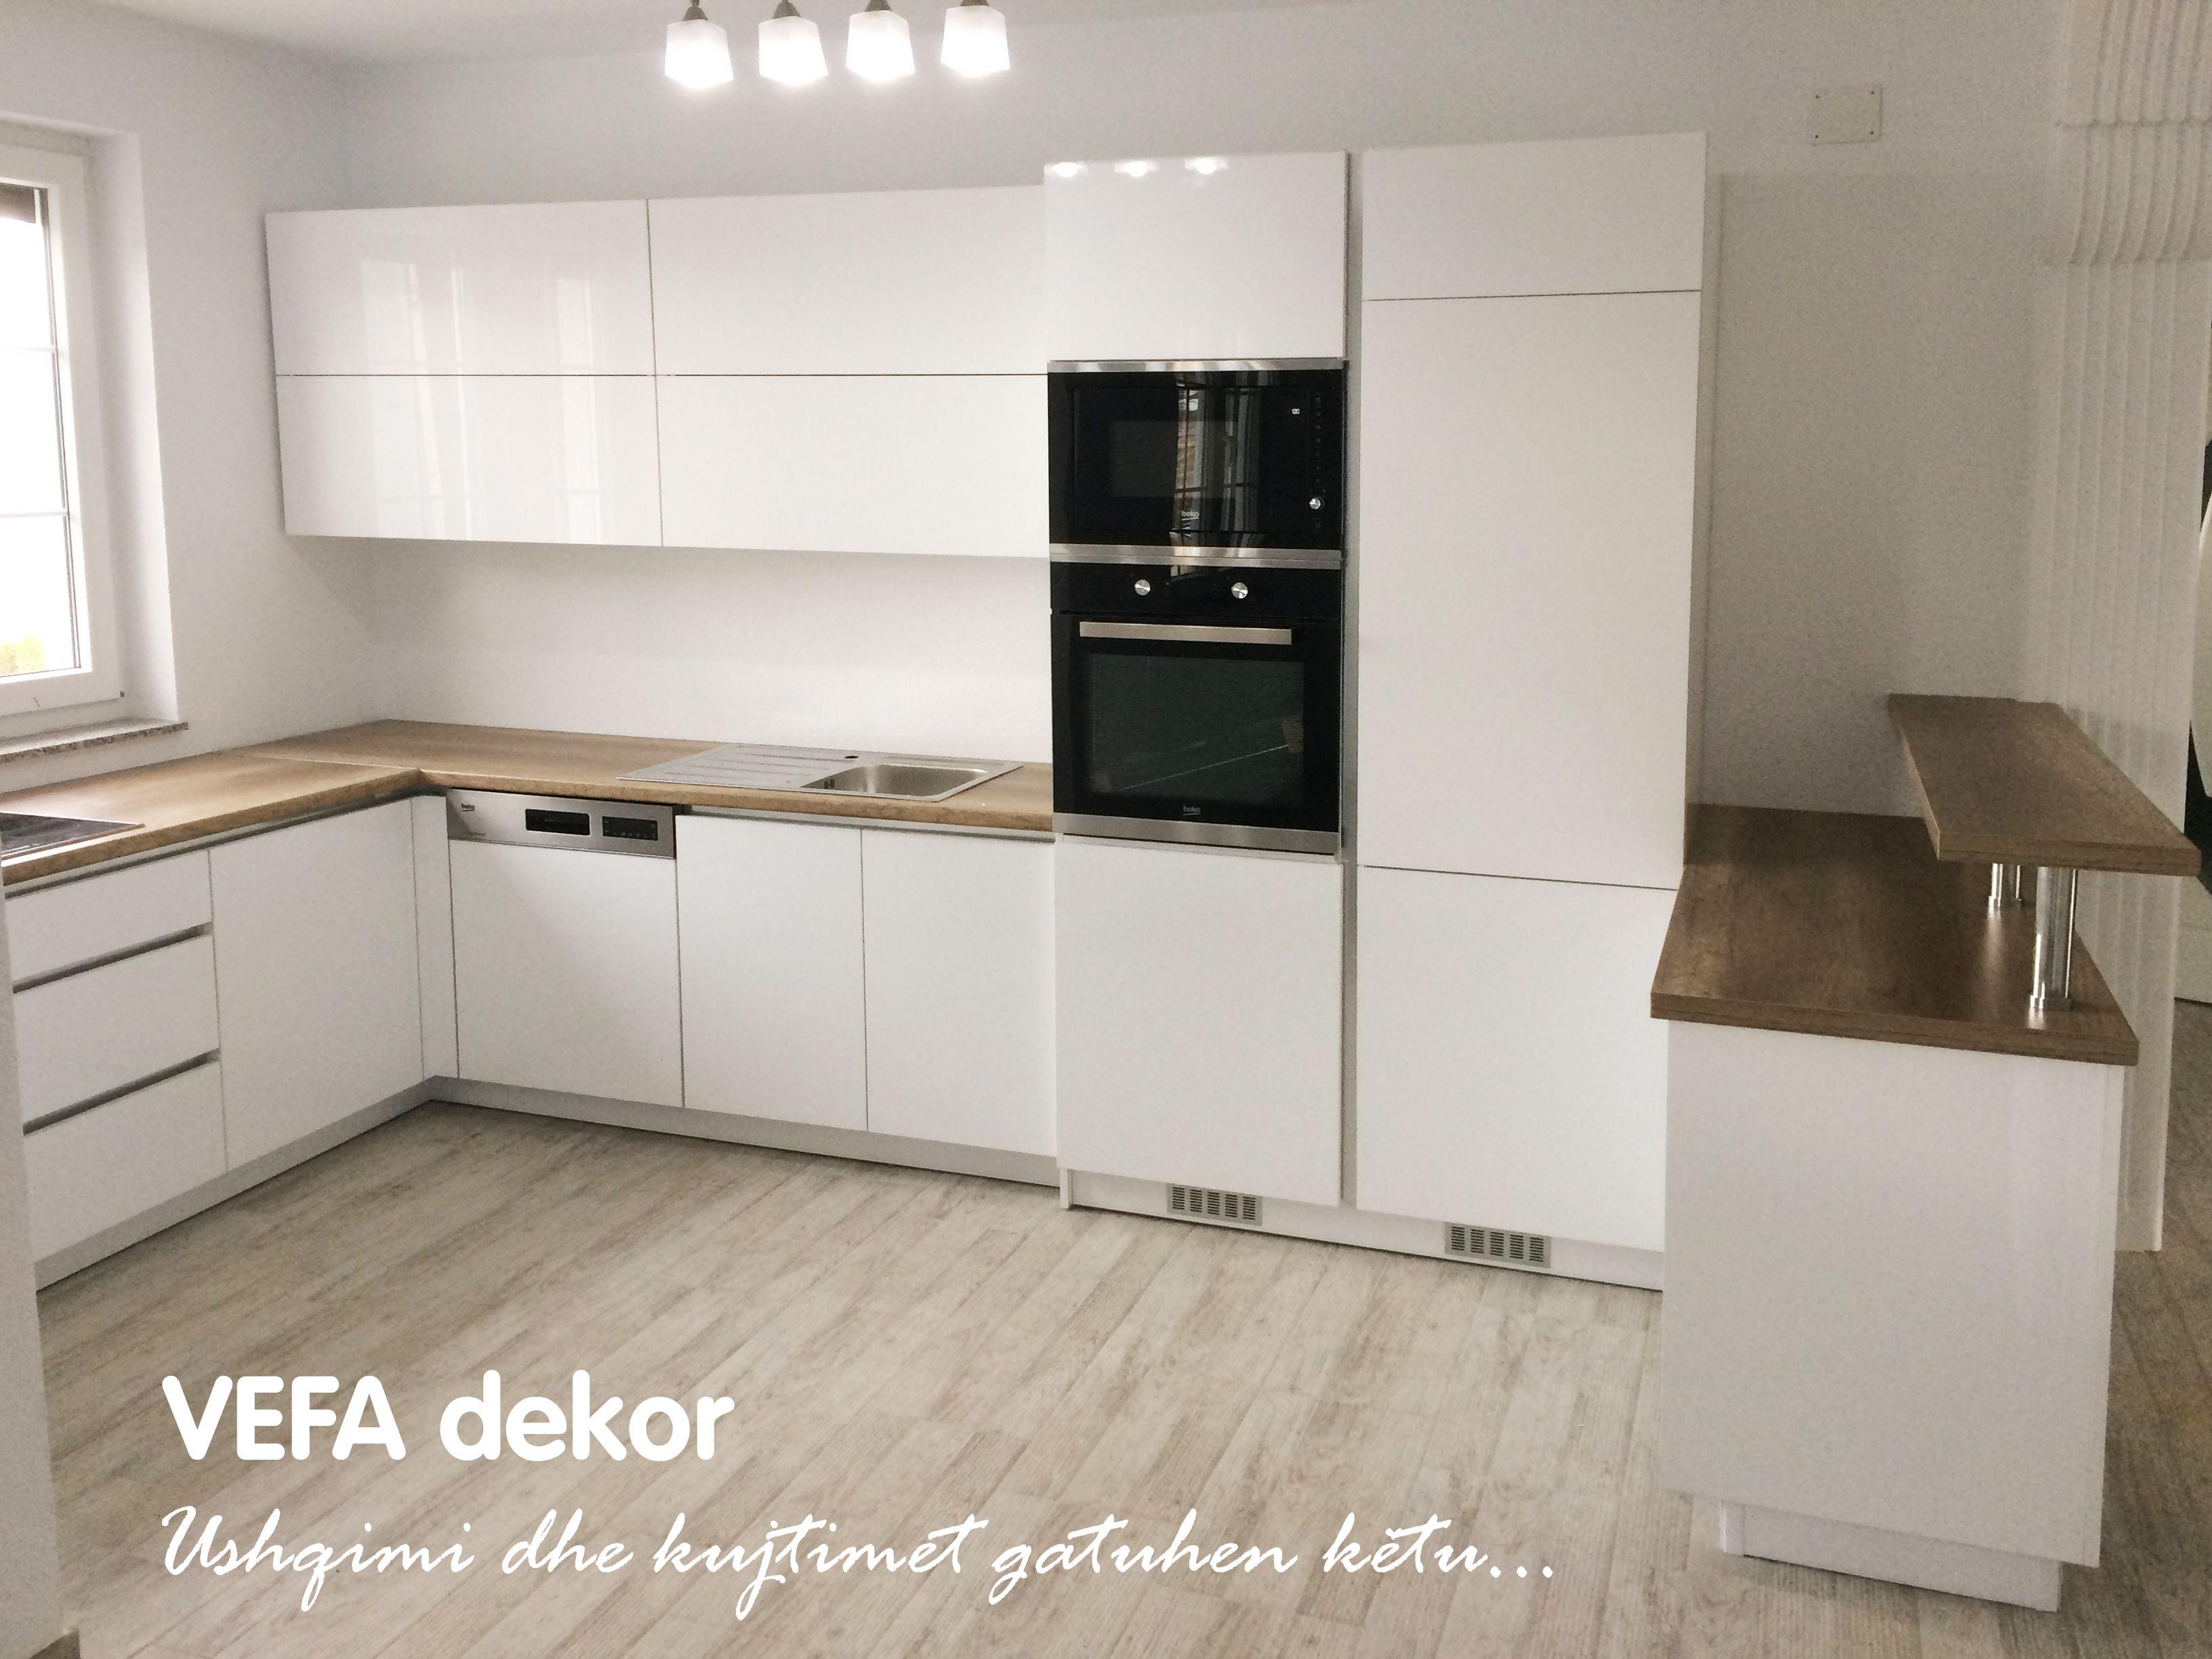 Groß Küche Dekoration Fotogalerie Fotos - Ideen Für Die Küche ...